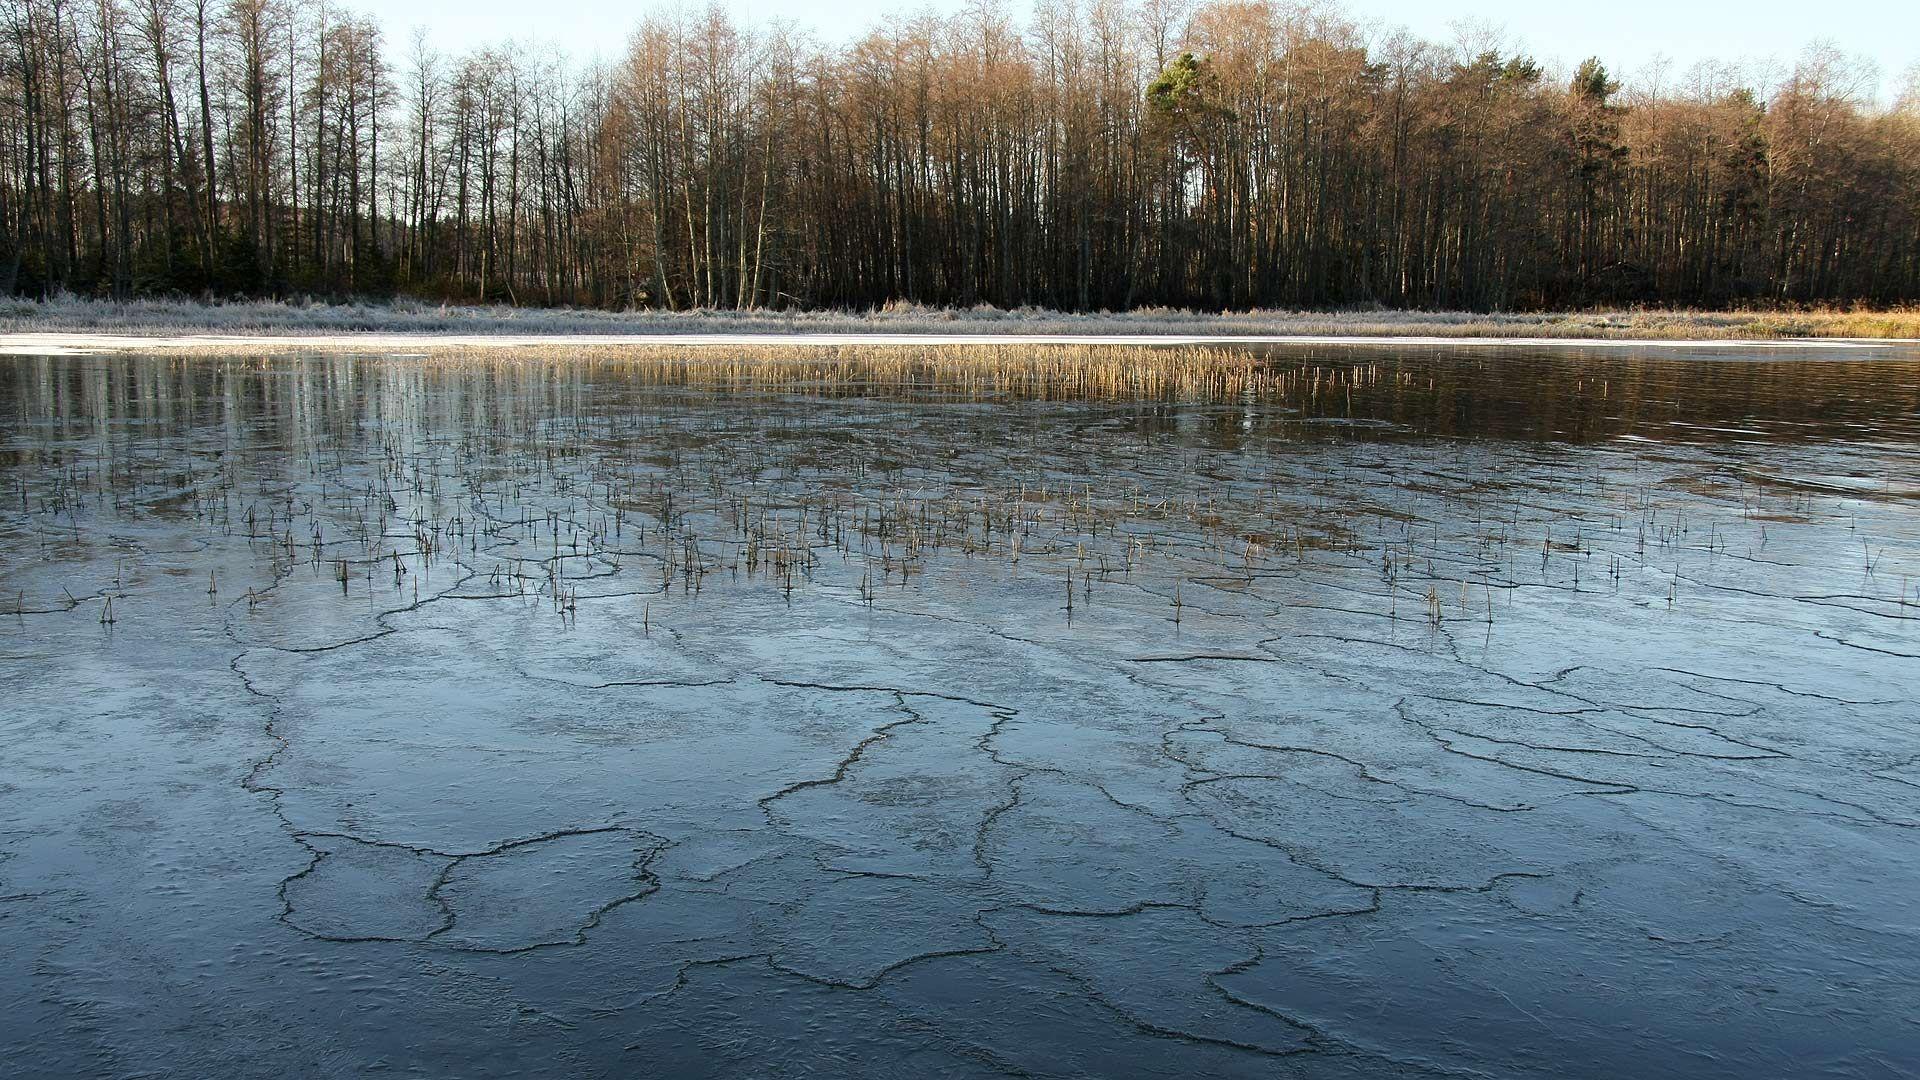 Talven tullen vedet kylmenevät ja vetäytyvät lopulta jäähän. Jäätyminen alkaa jääkiteistä, jotka syntyvät usein joidenkin pienten hiukkasten, kuten vaikkapa veden päällä kelluvien siementen tai kasvinosien ympärille. (Video 2 min.)